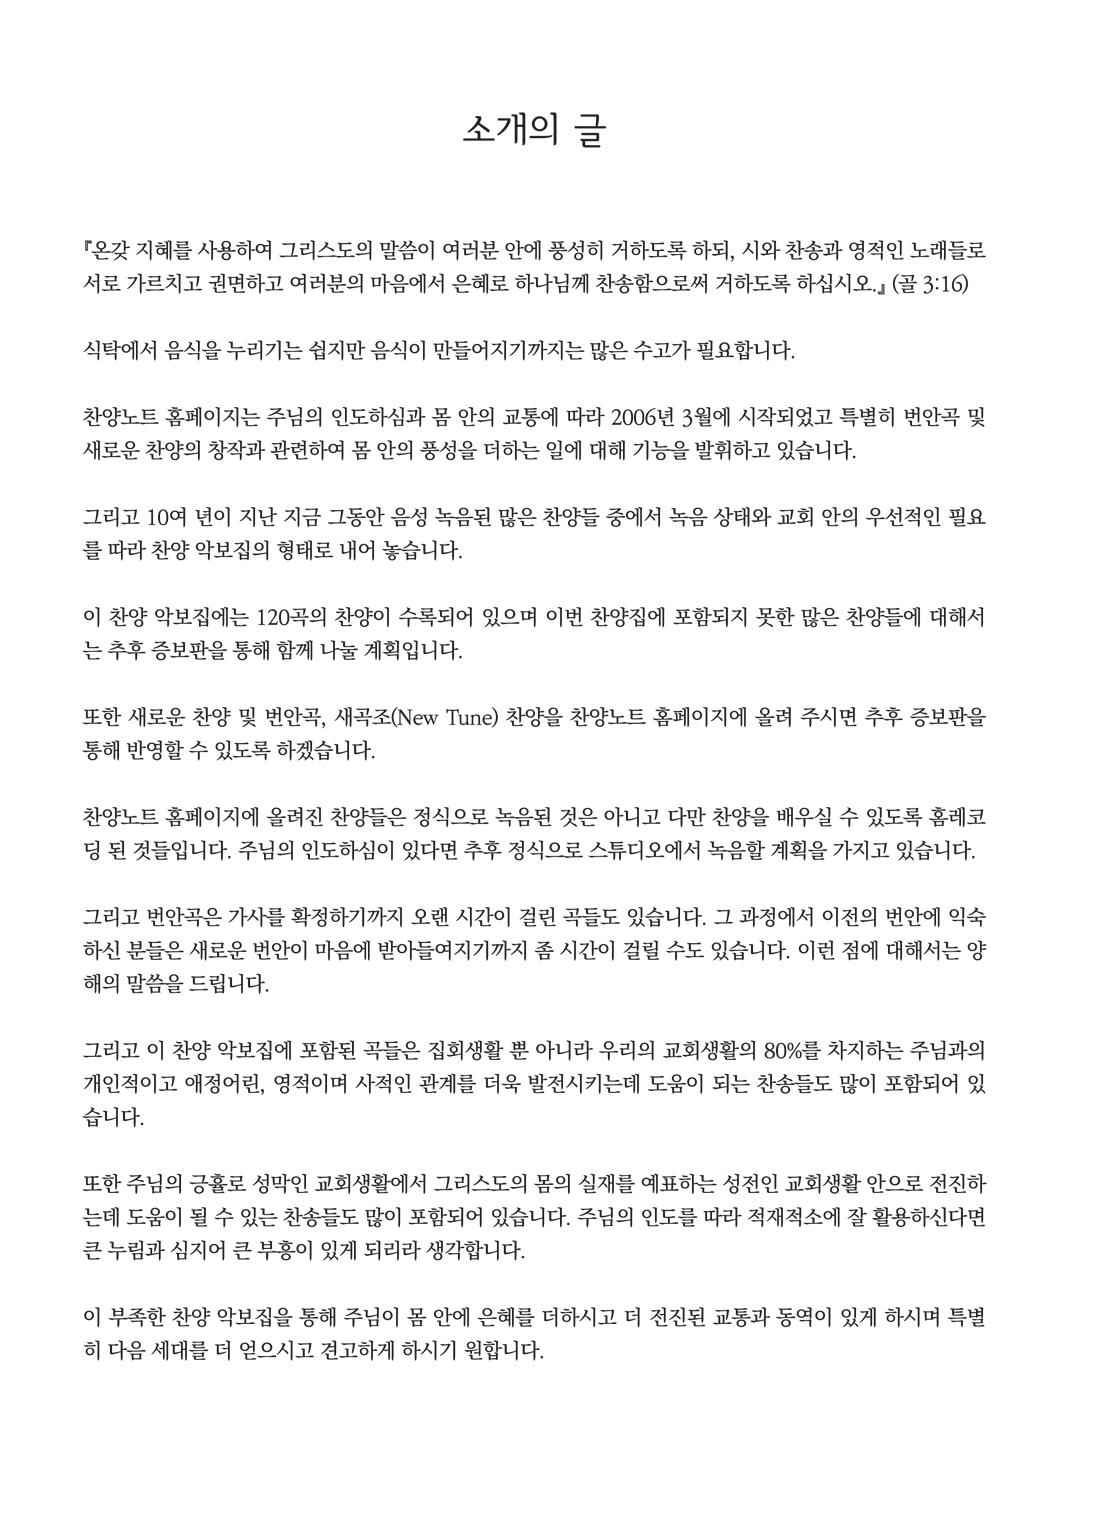 찬양 악보집 초안 4p.jpg